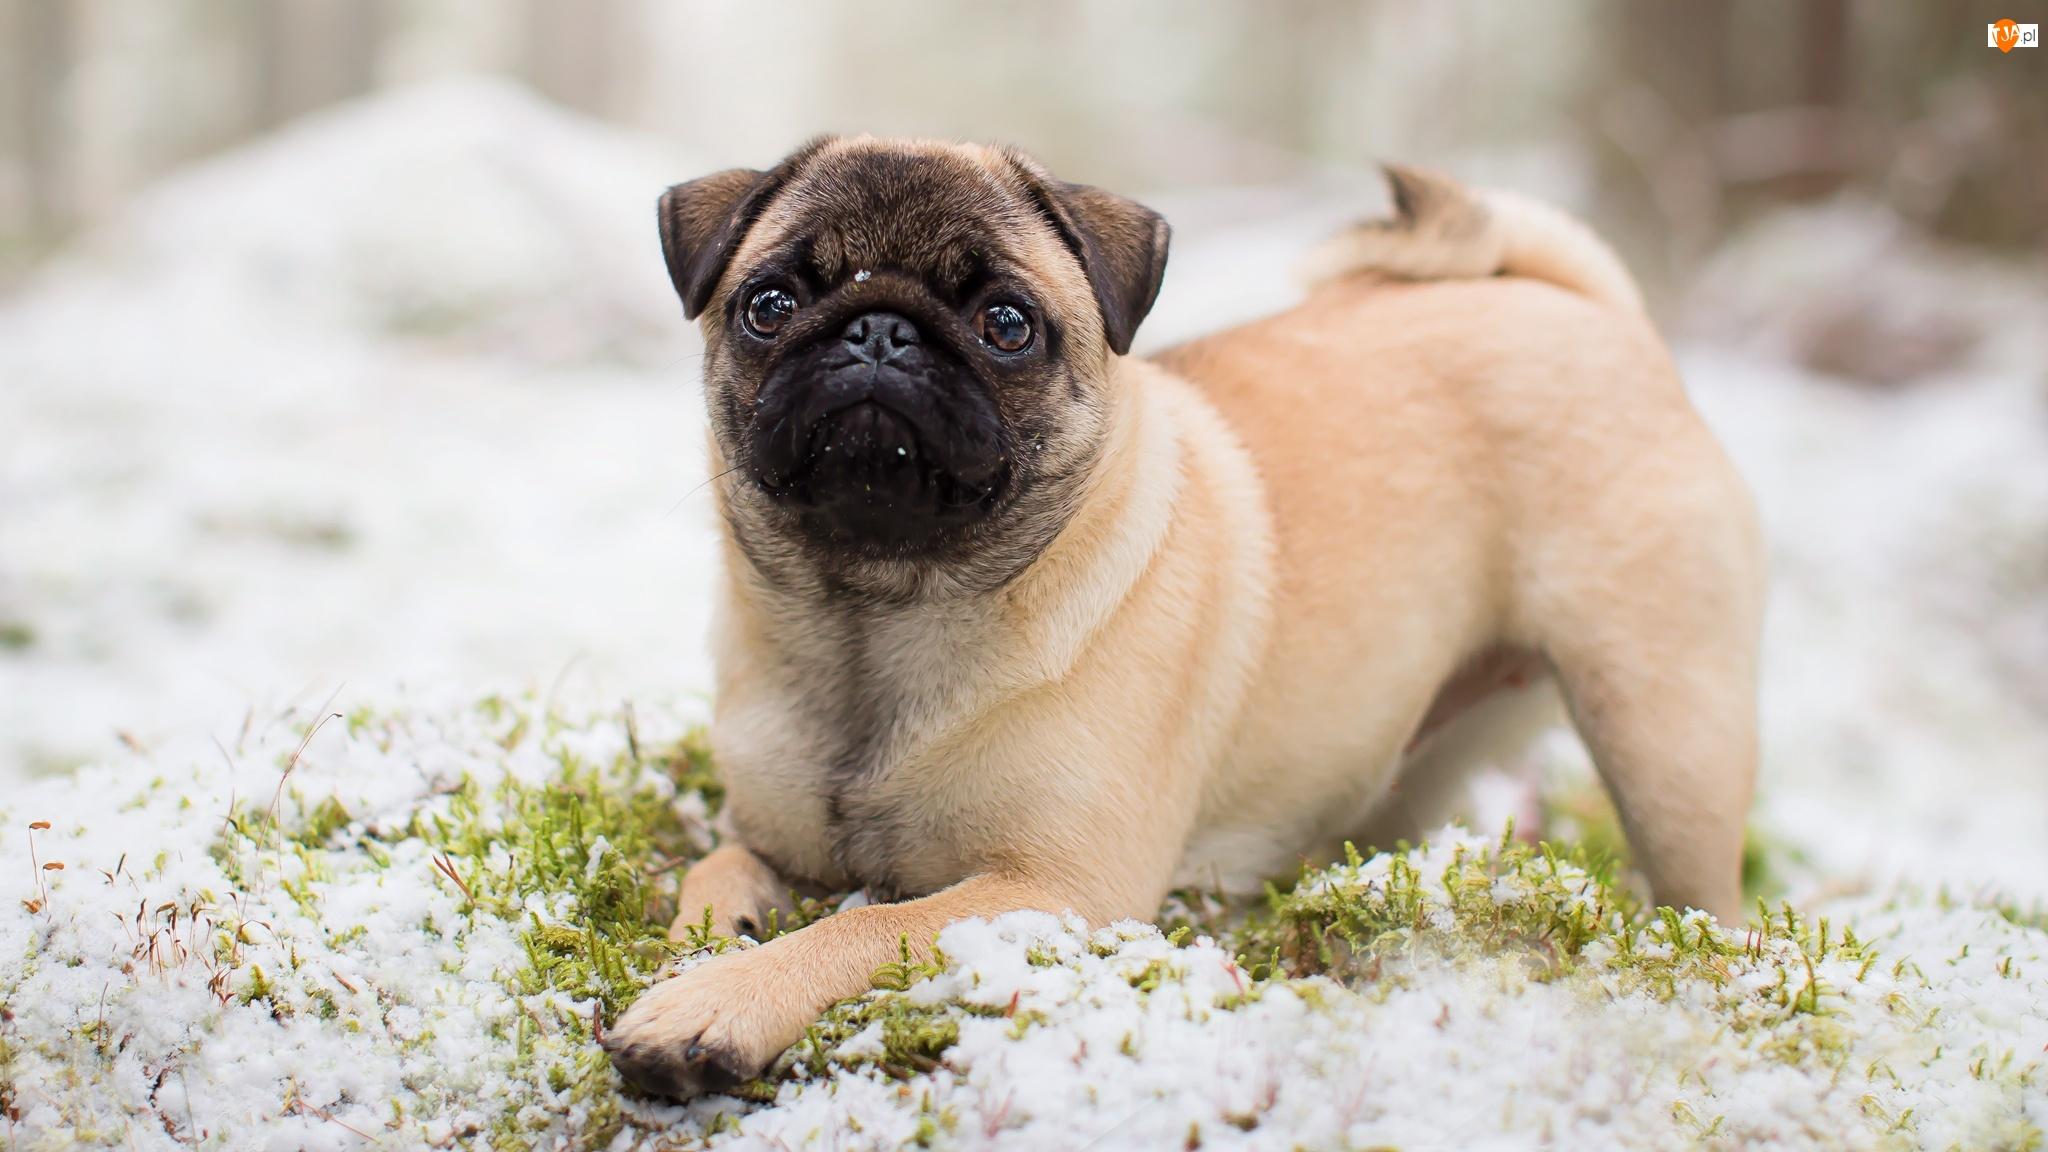 Śnieg, Pies, Mops, Trawa